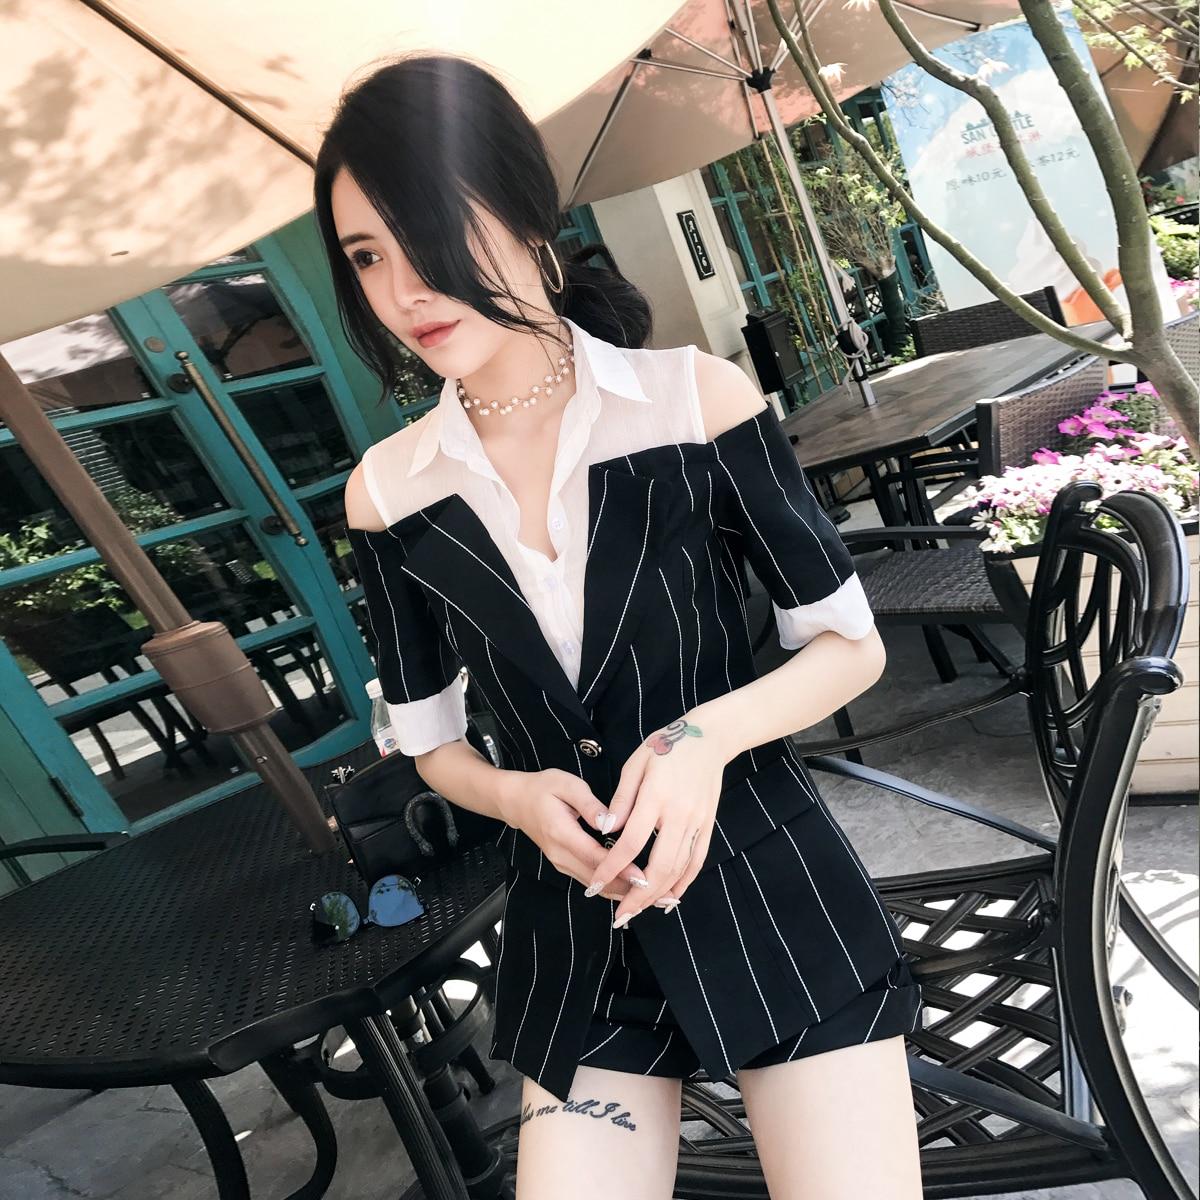 En Petit De Mince 1 Manteau Coréenne Coton Lin Féminin Version Costume Casual Rayé Court Suoxueer VGzSUMqp